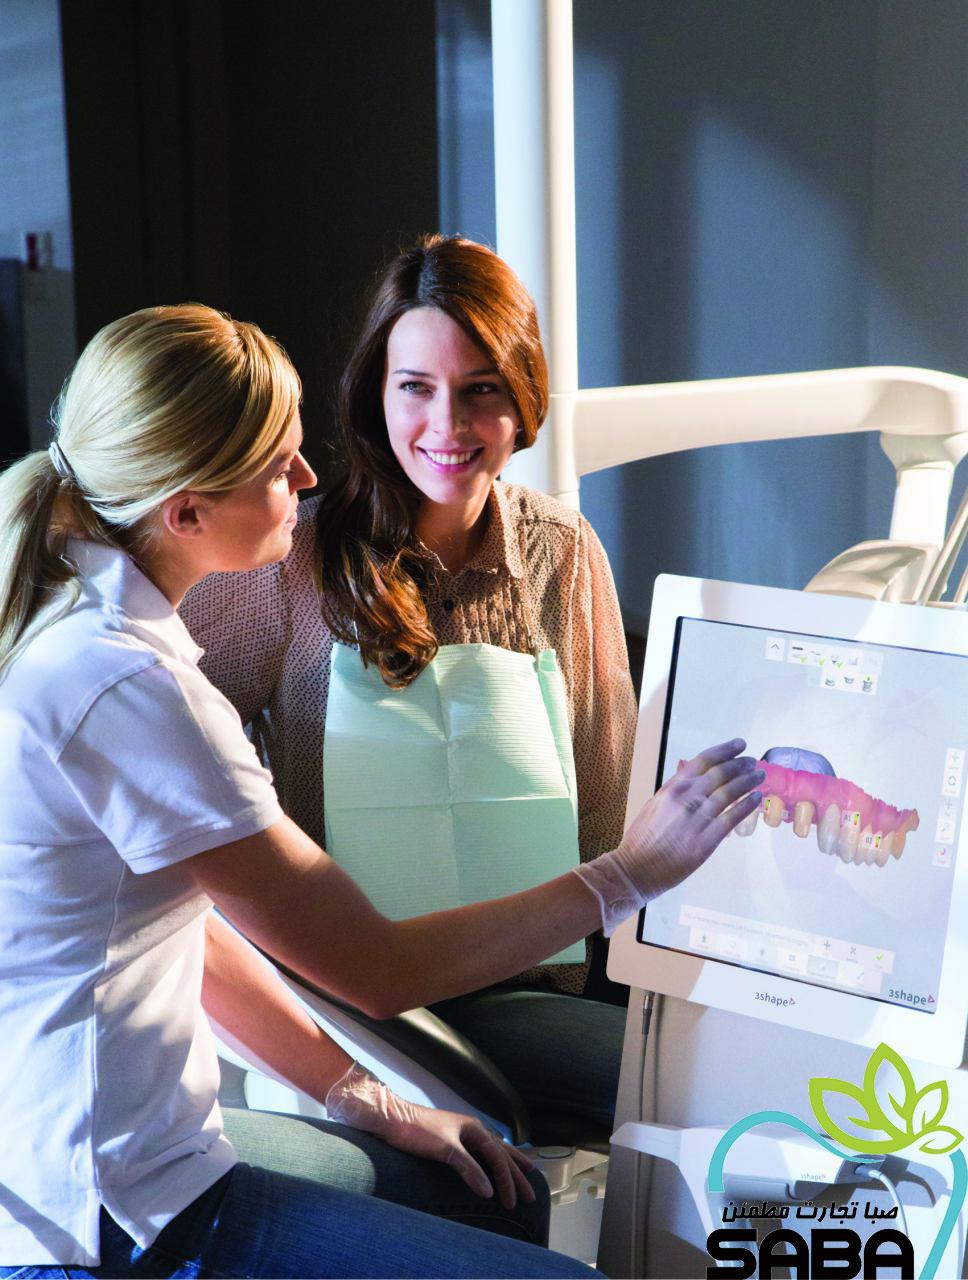 مزیت عمده دندانپزشکی دیجیتال چیست